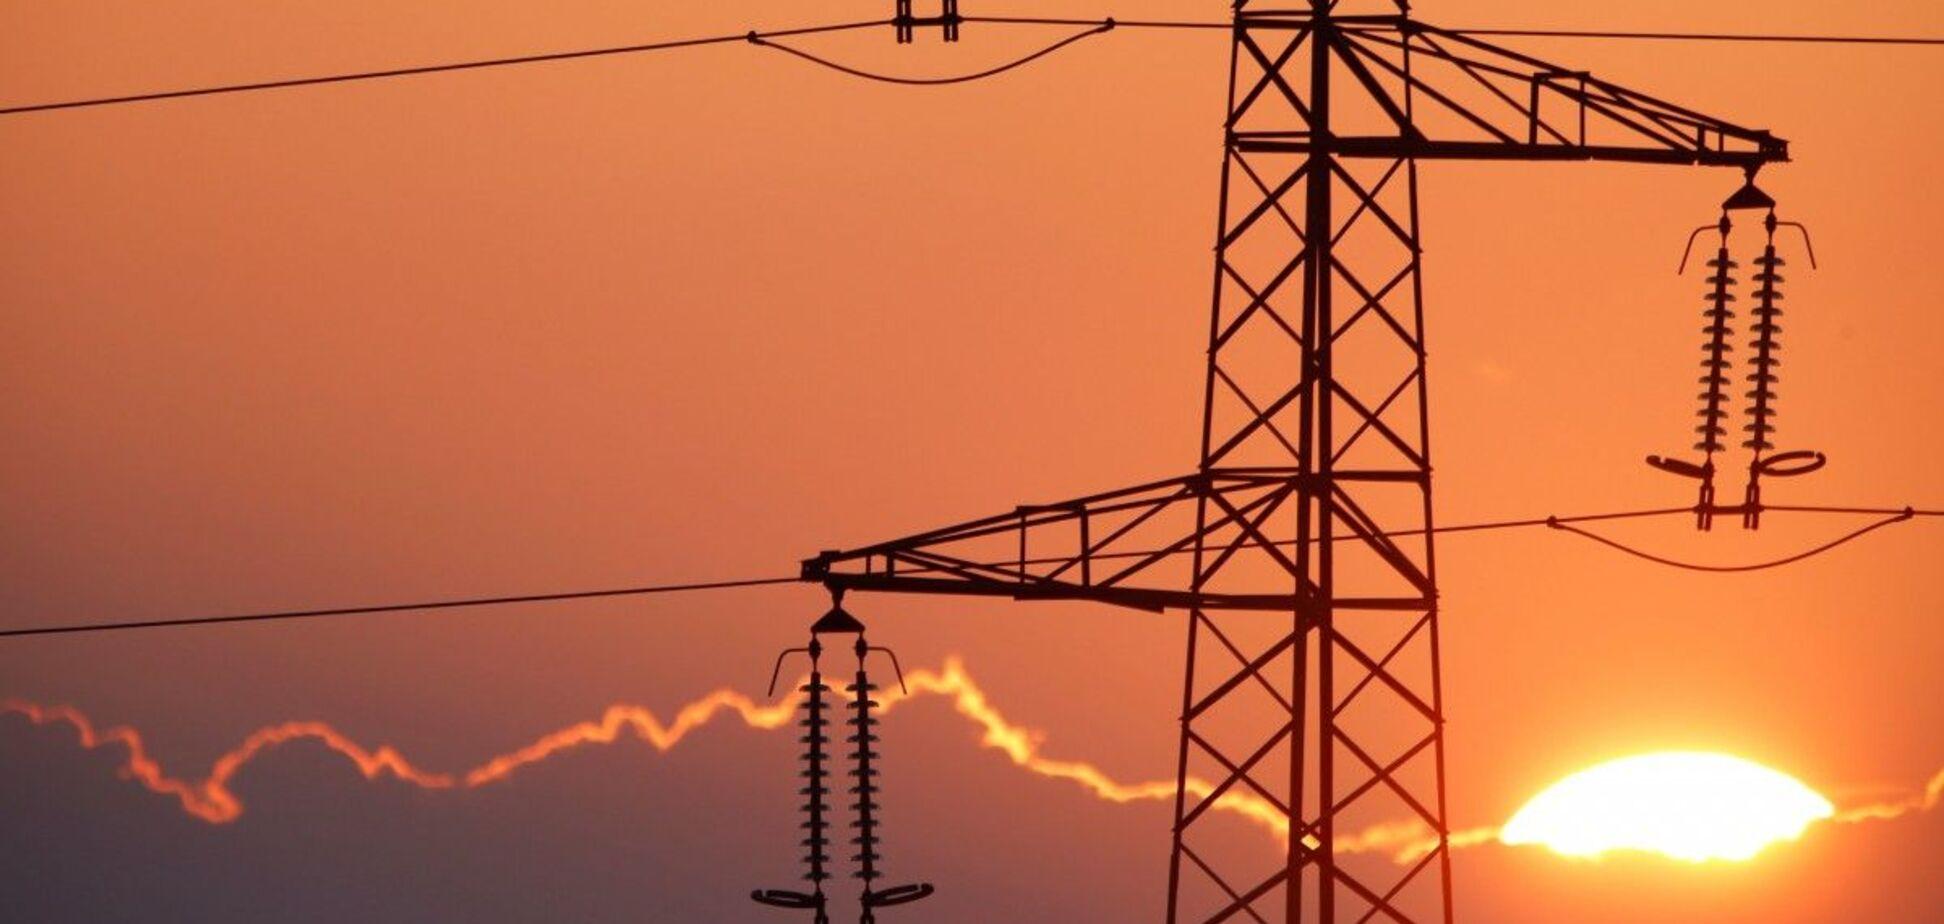 Принятые правительством изменения ПСО откроют промышленности доступ к дешевой атомной электроэнергии - ВЭА